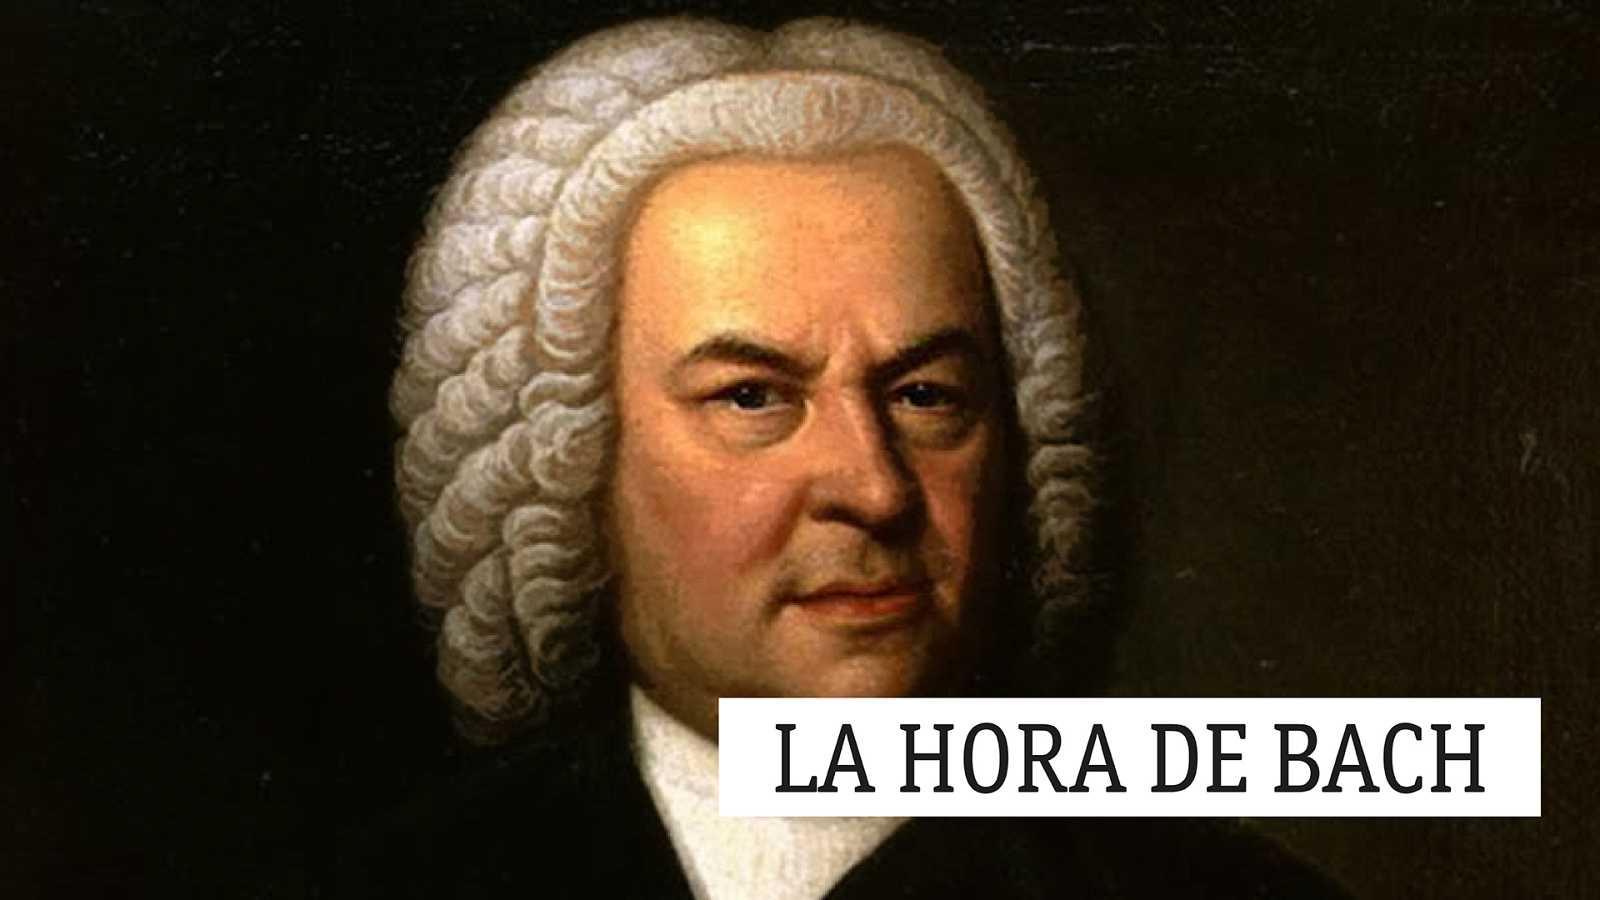 La hora de Bach - 20/03/21 - escuchar ahora